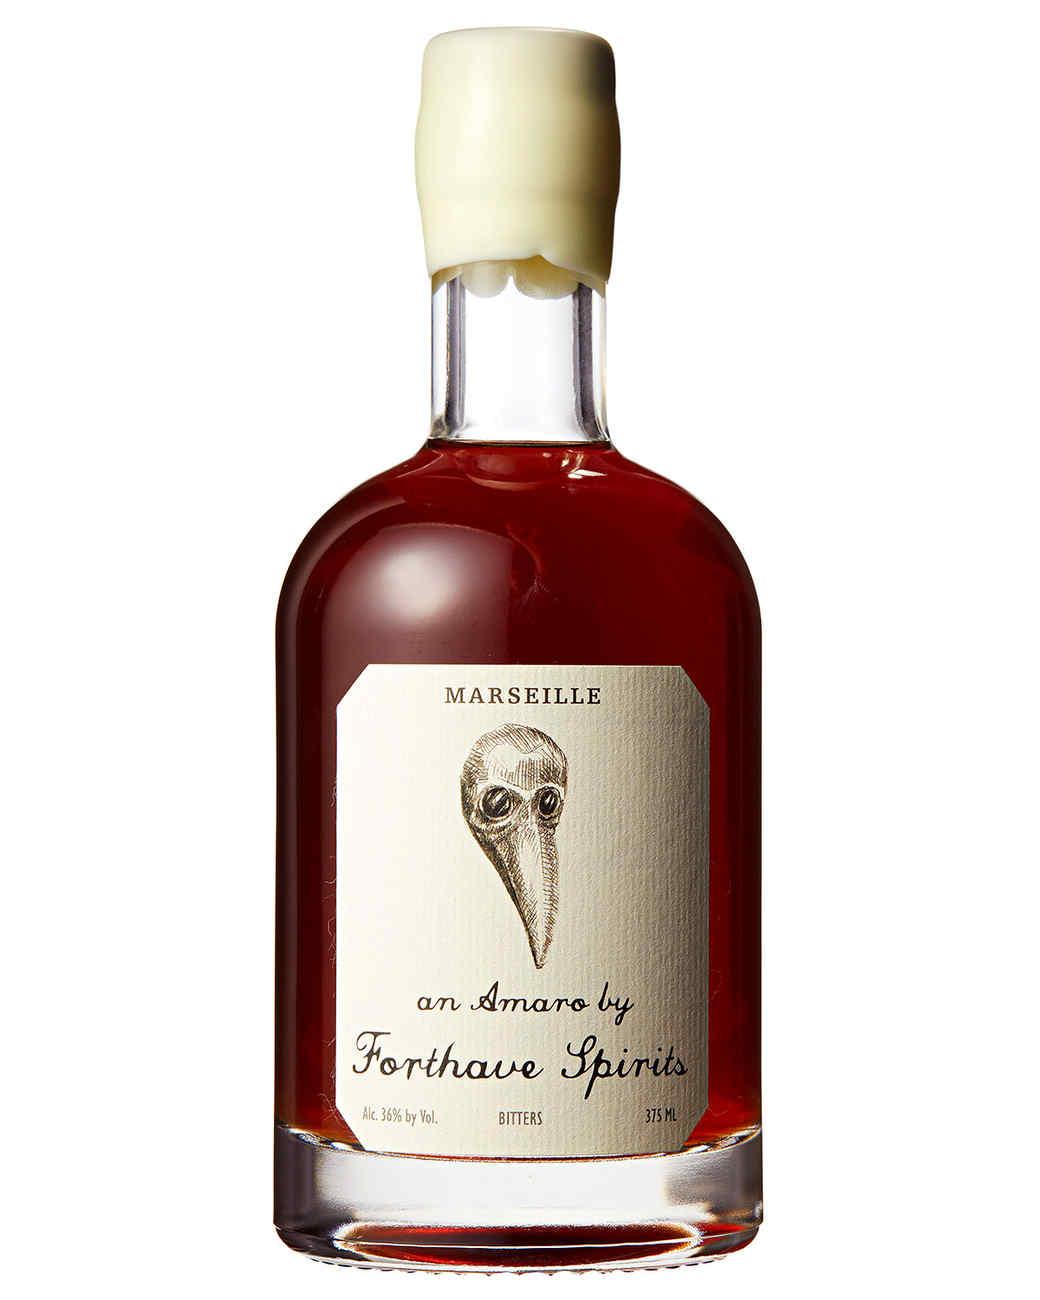 福特马赛阿玛罗酒瓶